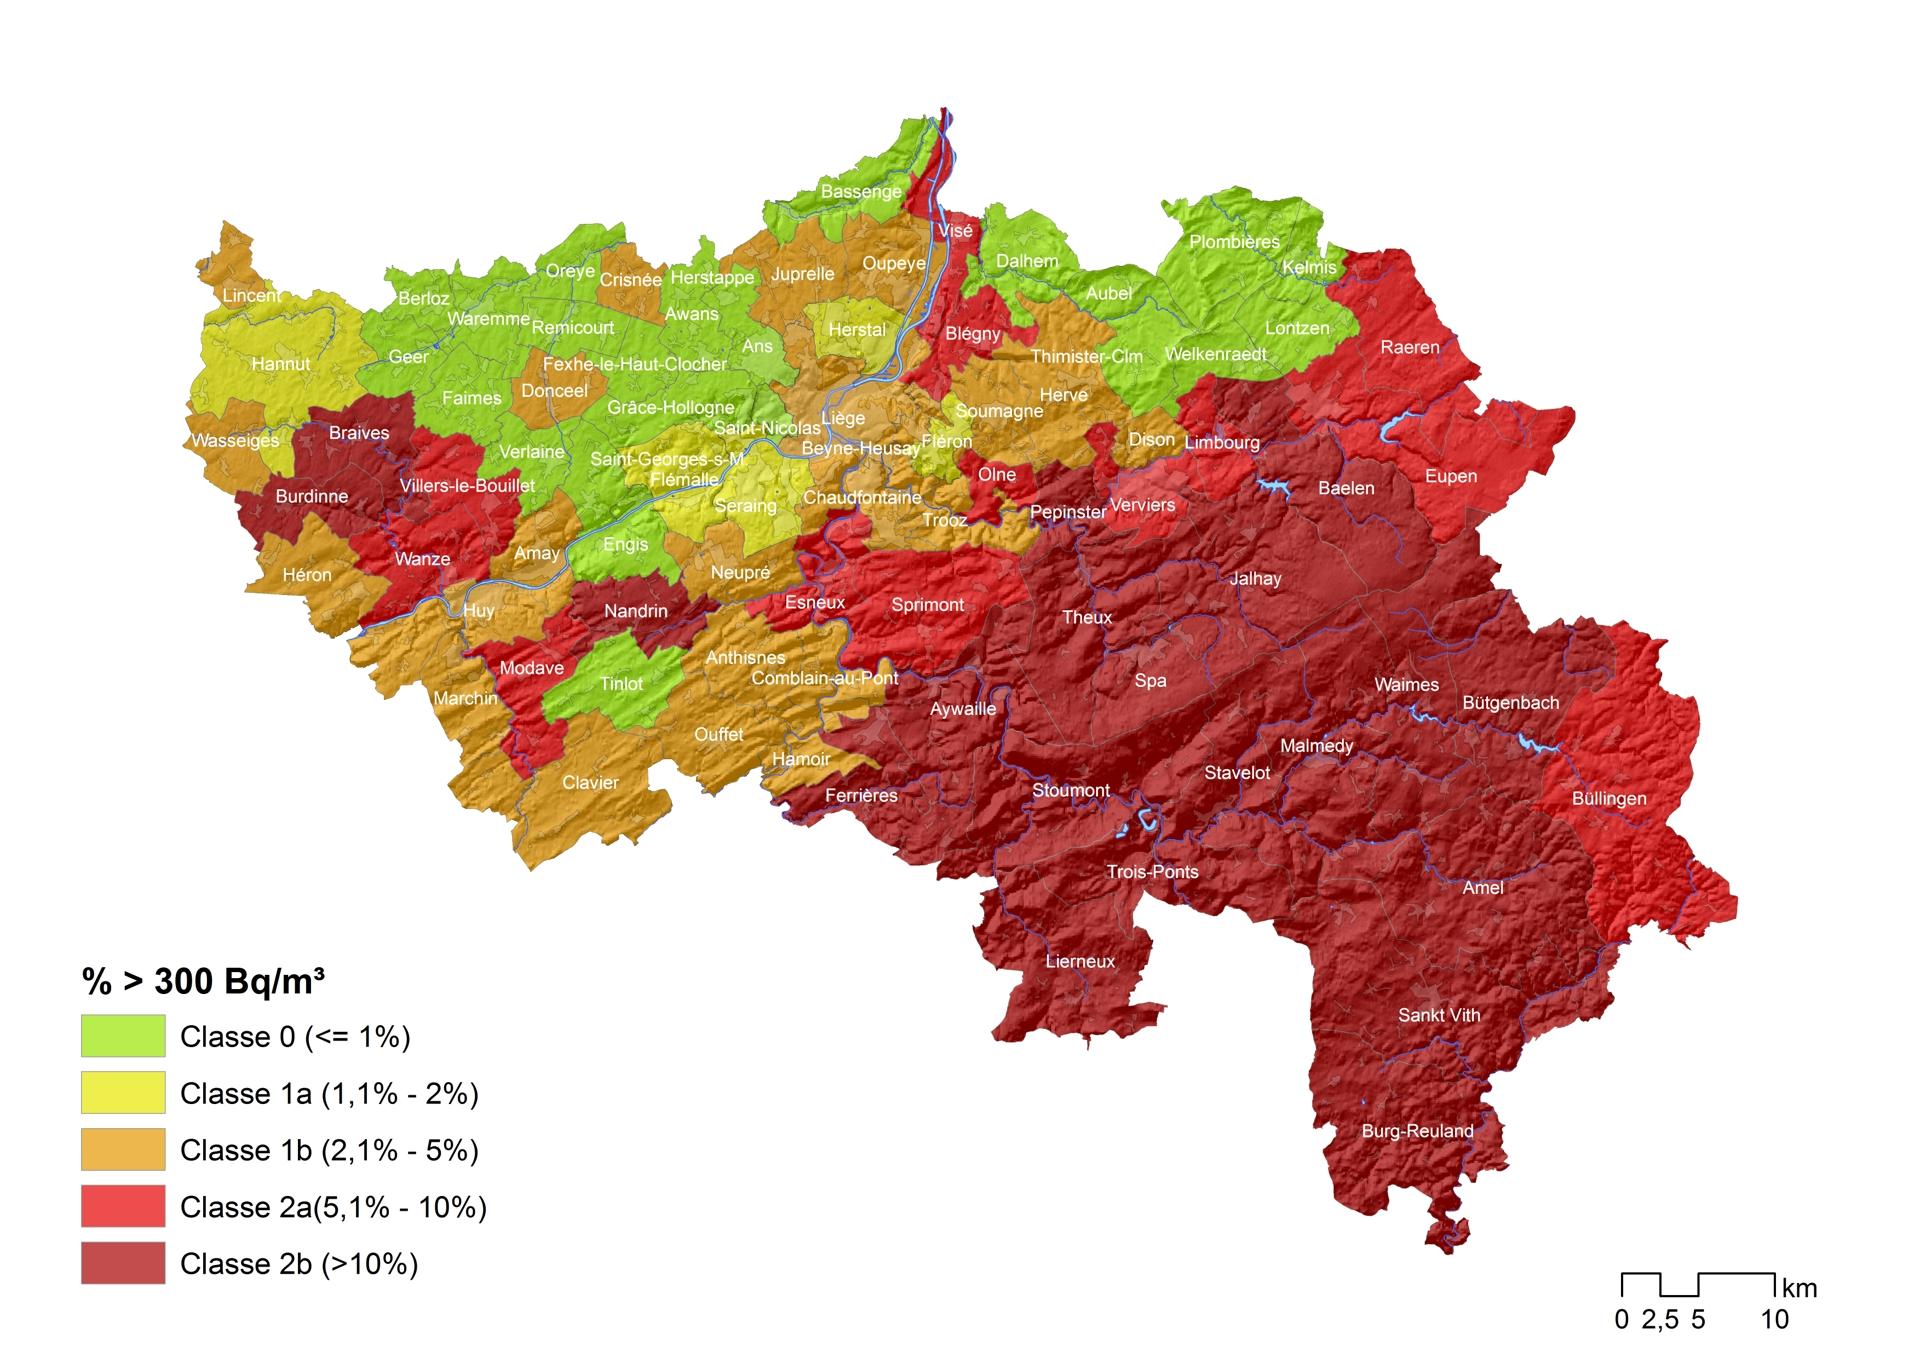 Carte radon 2018 LIEGE